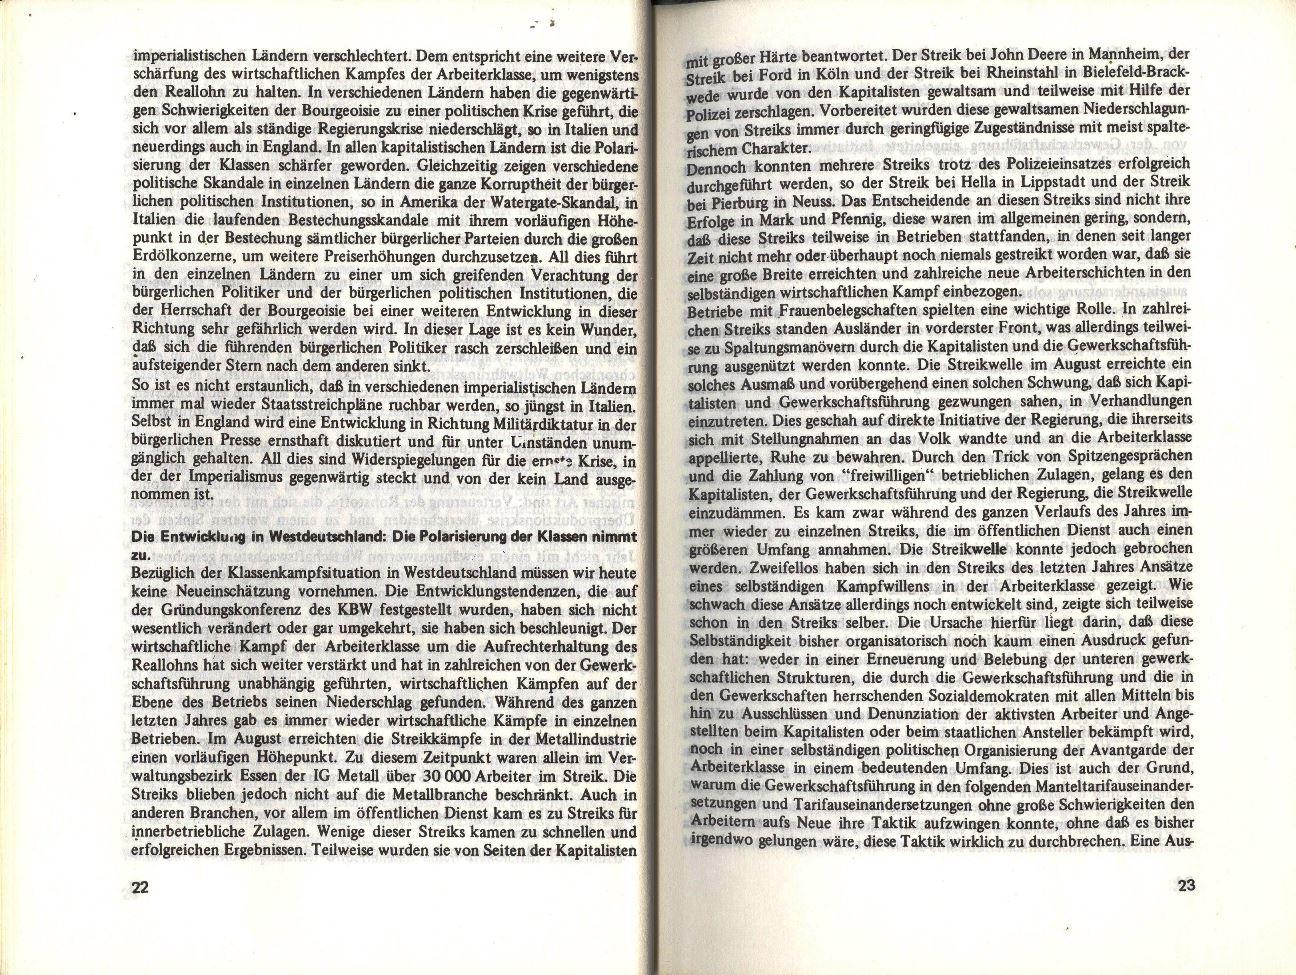 KBW_1974_Politischer_Bericht013